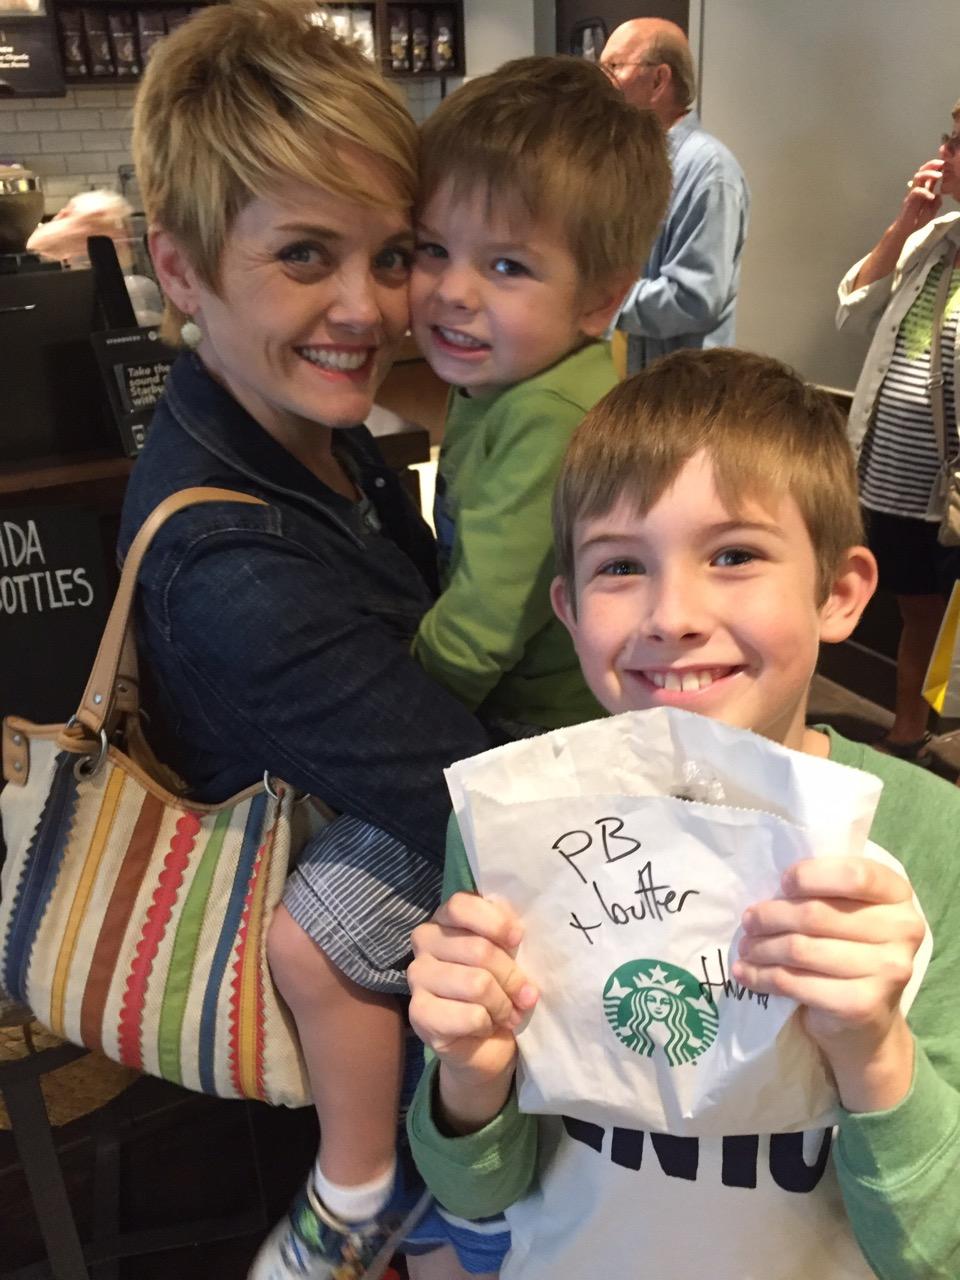 Starbucks Winter Park FL